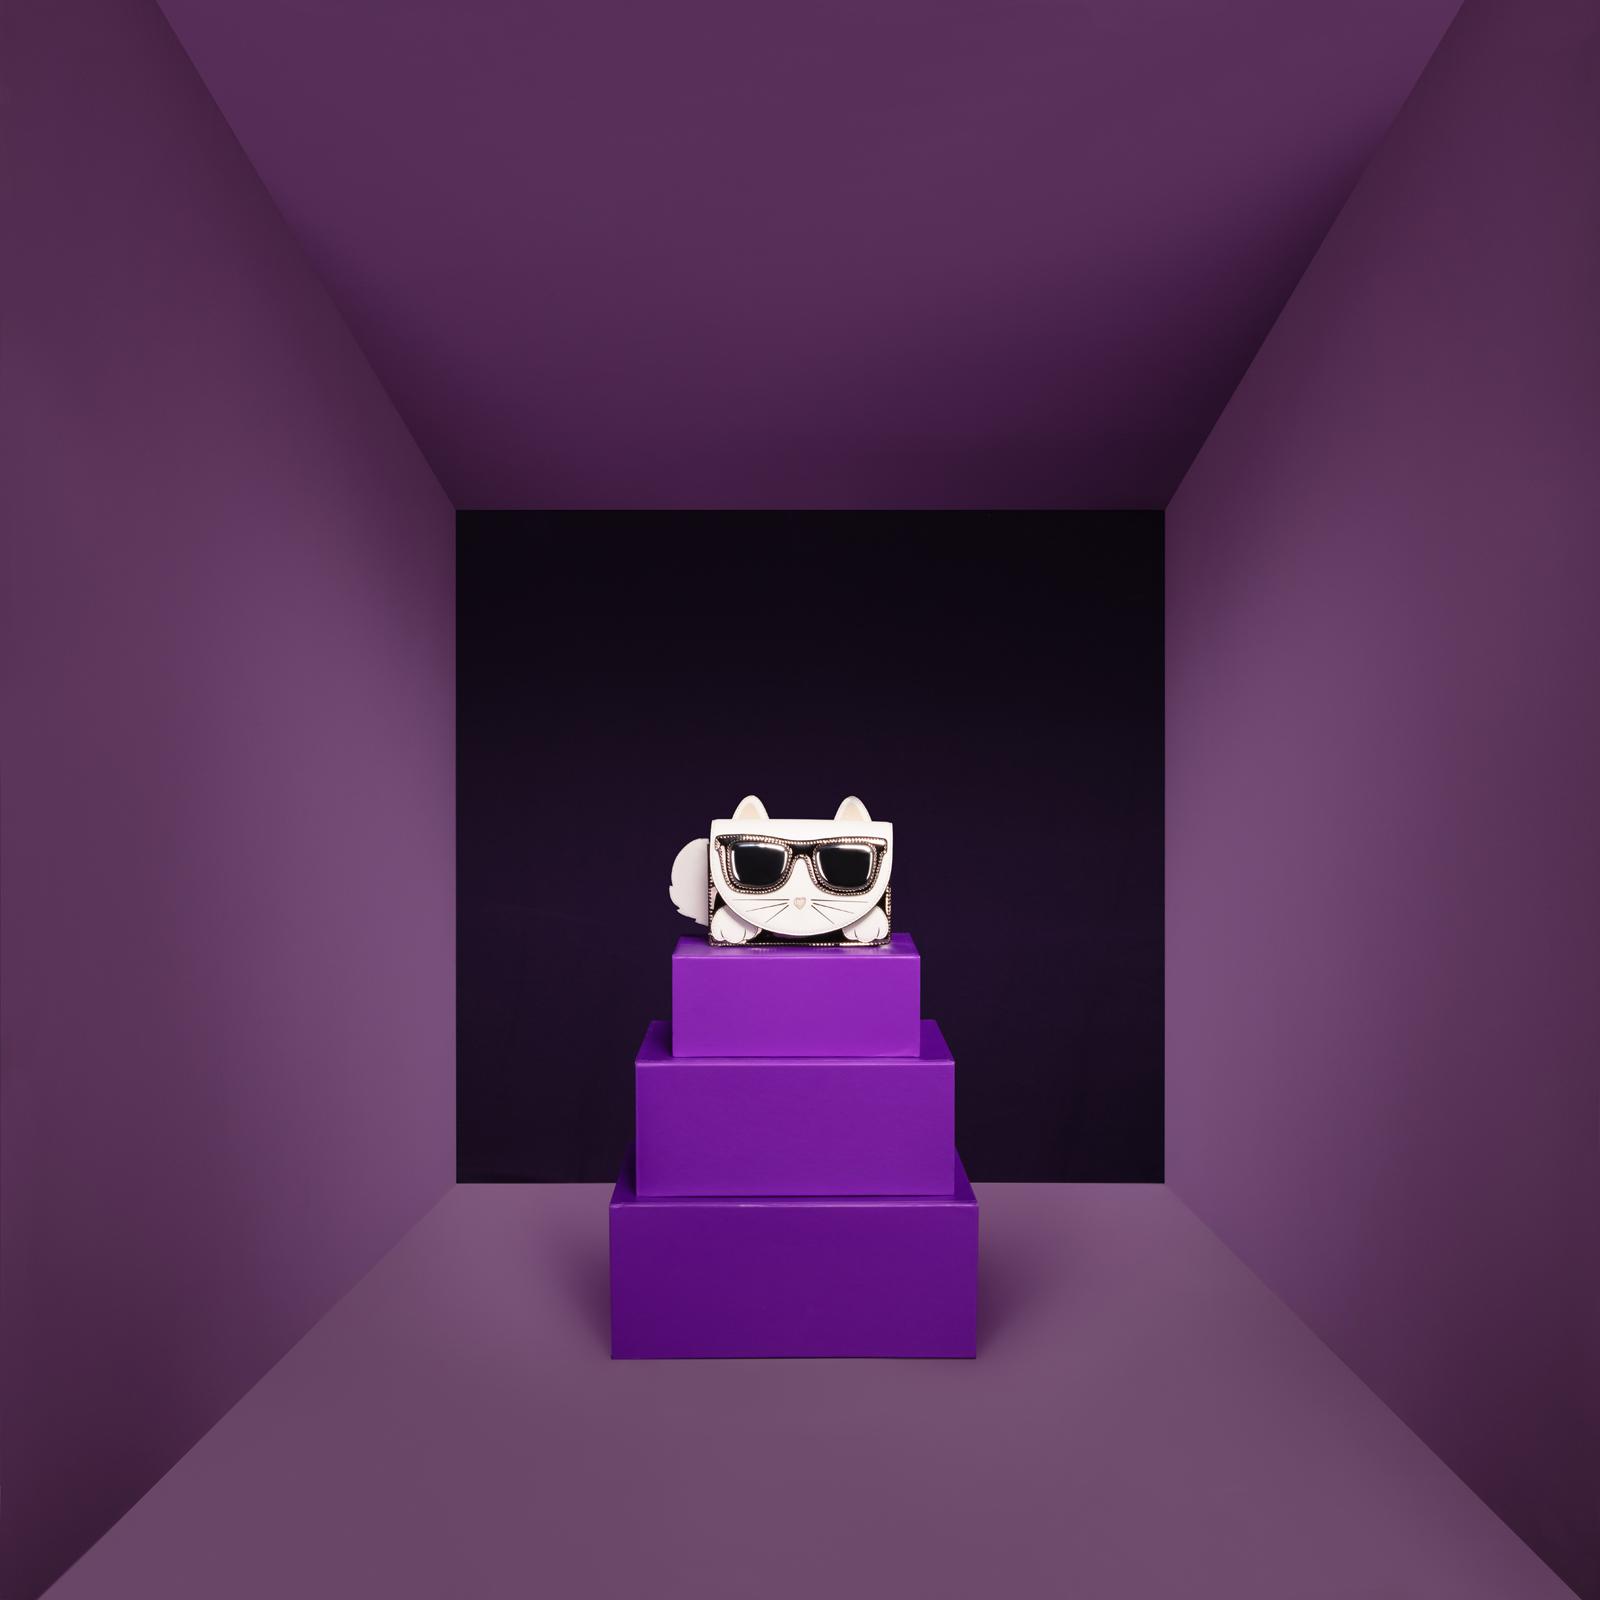 BOX PURPLE 01.jpg